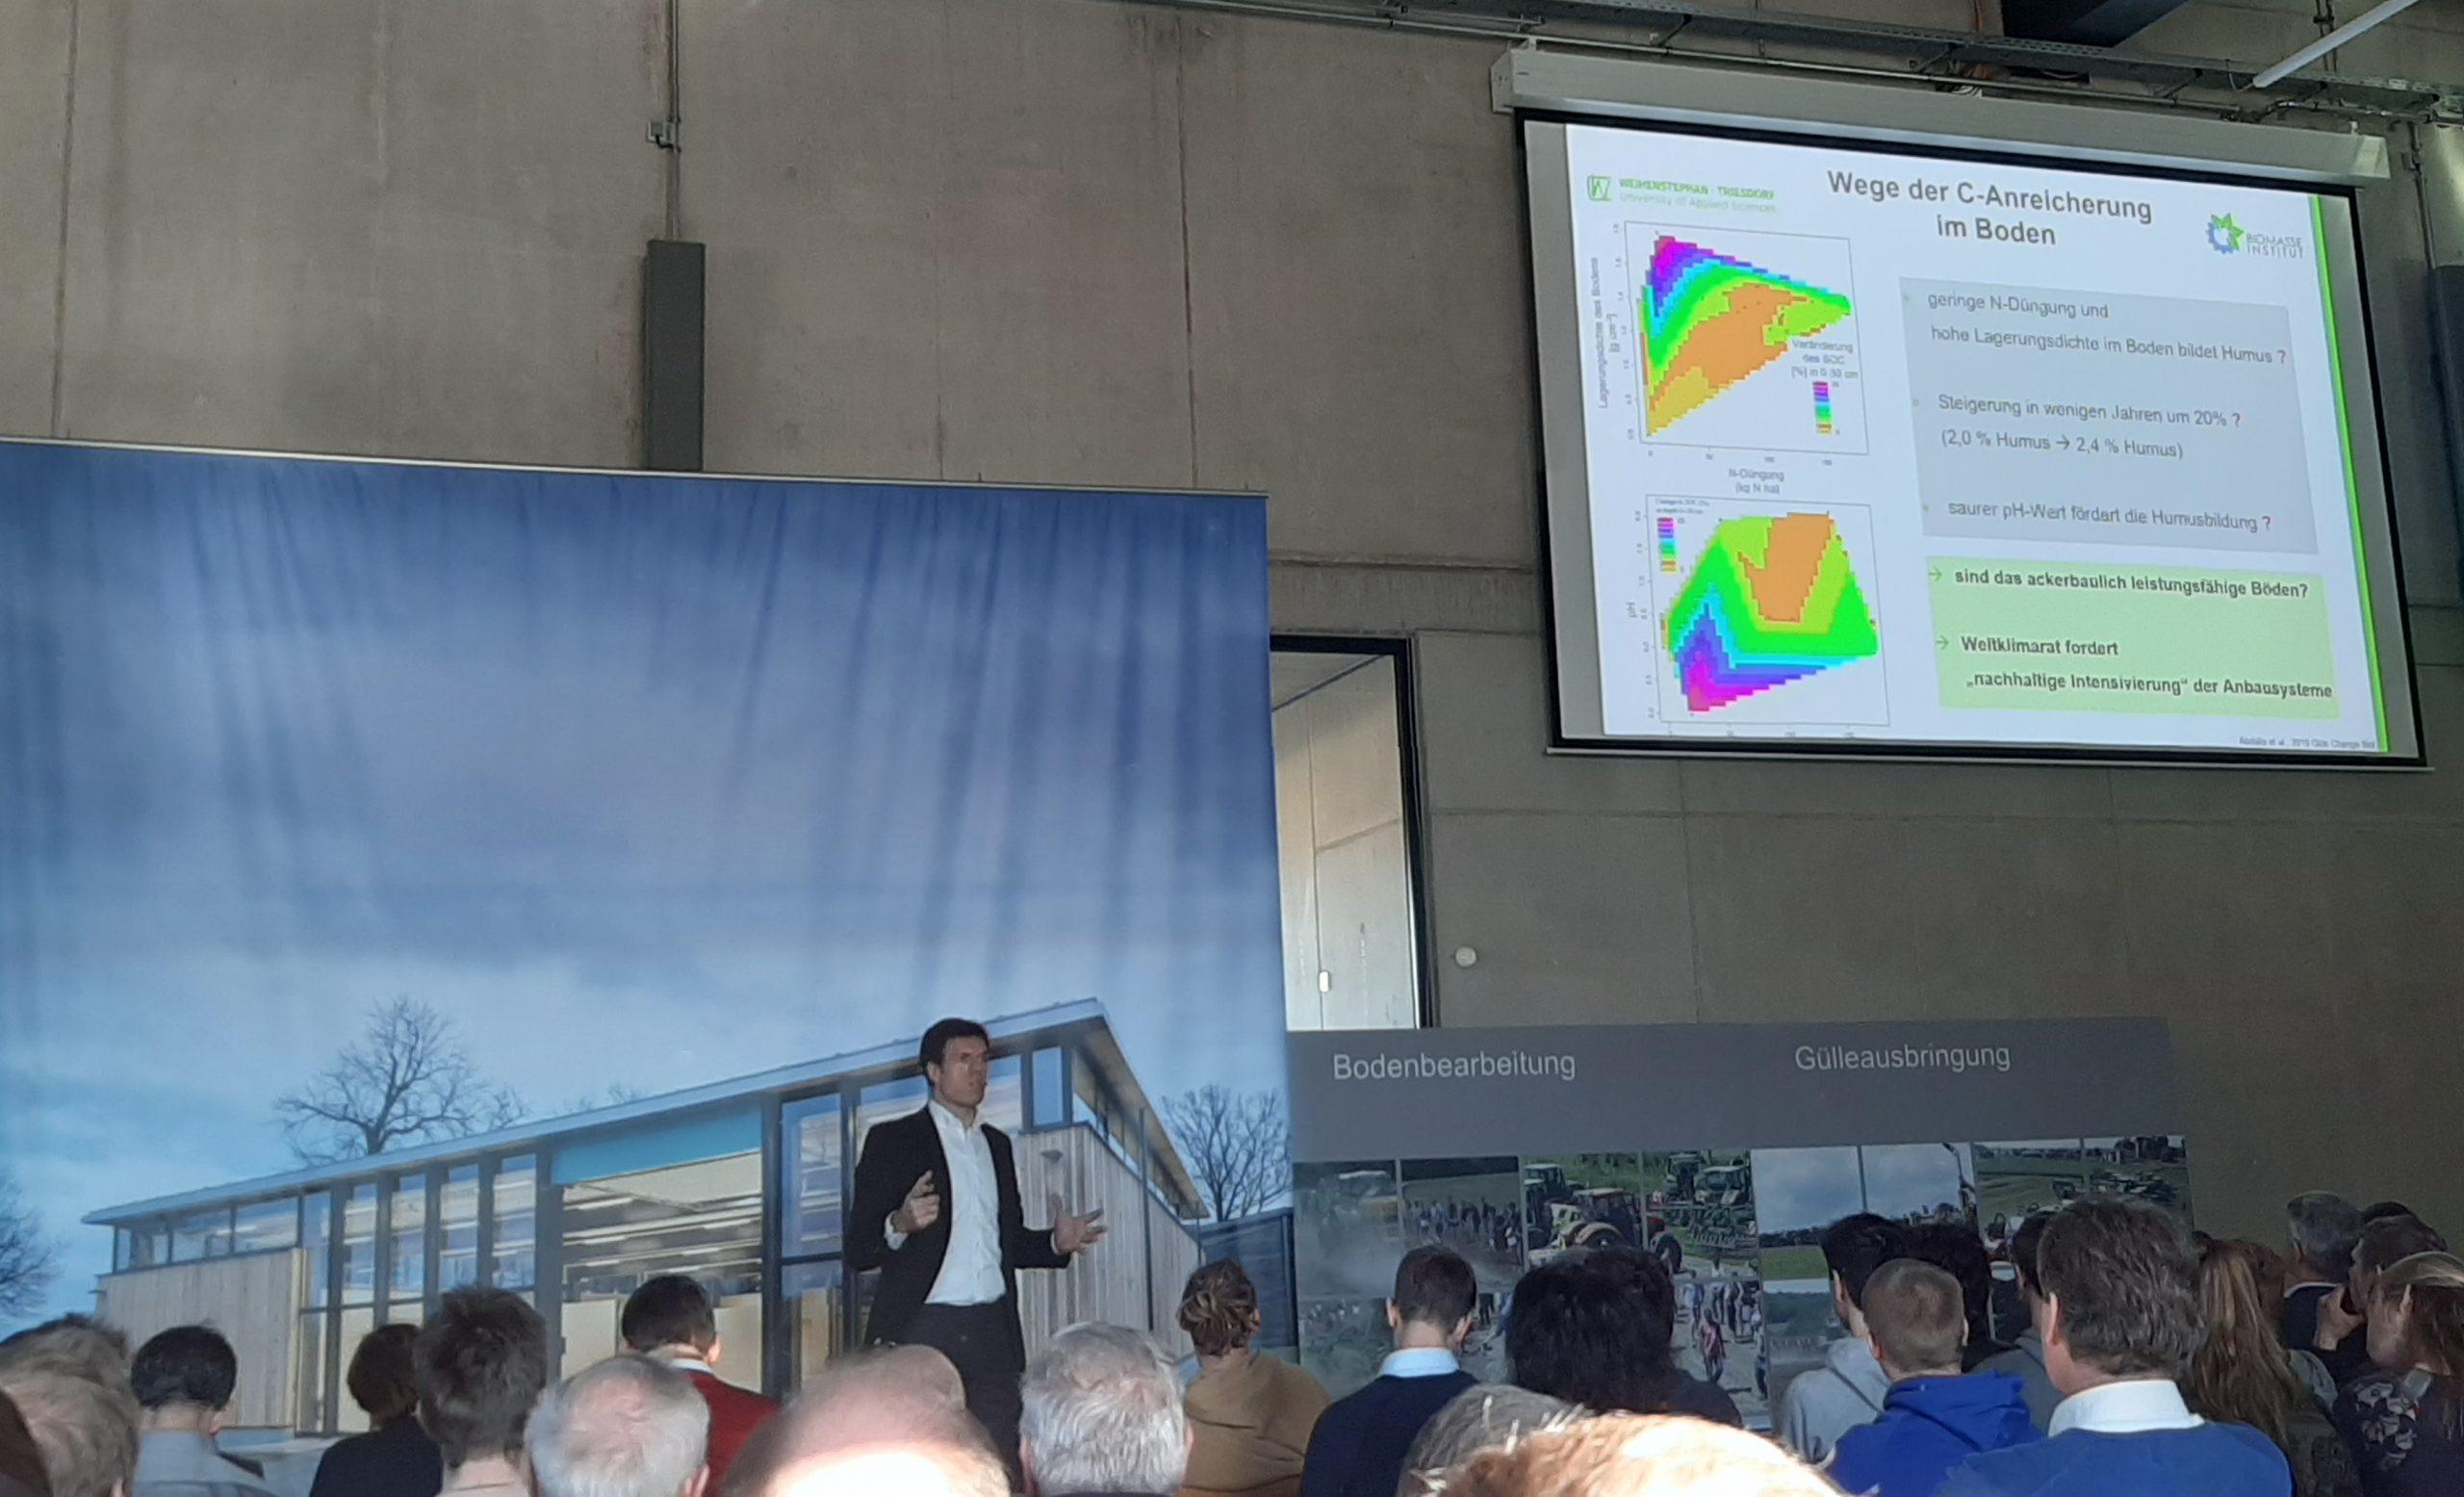 Prof. Dr. Bernhard Bauer während seines Vortrages, im Hintergrund auf einer Leinwand eine Folie zu Wege der C-Anreicherung im Boden seiner Präsentation